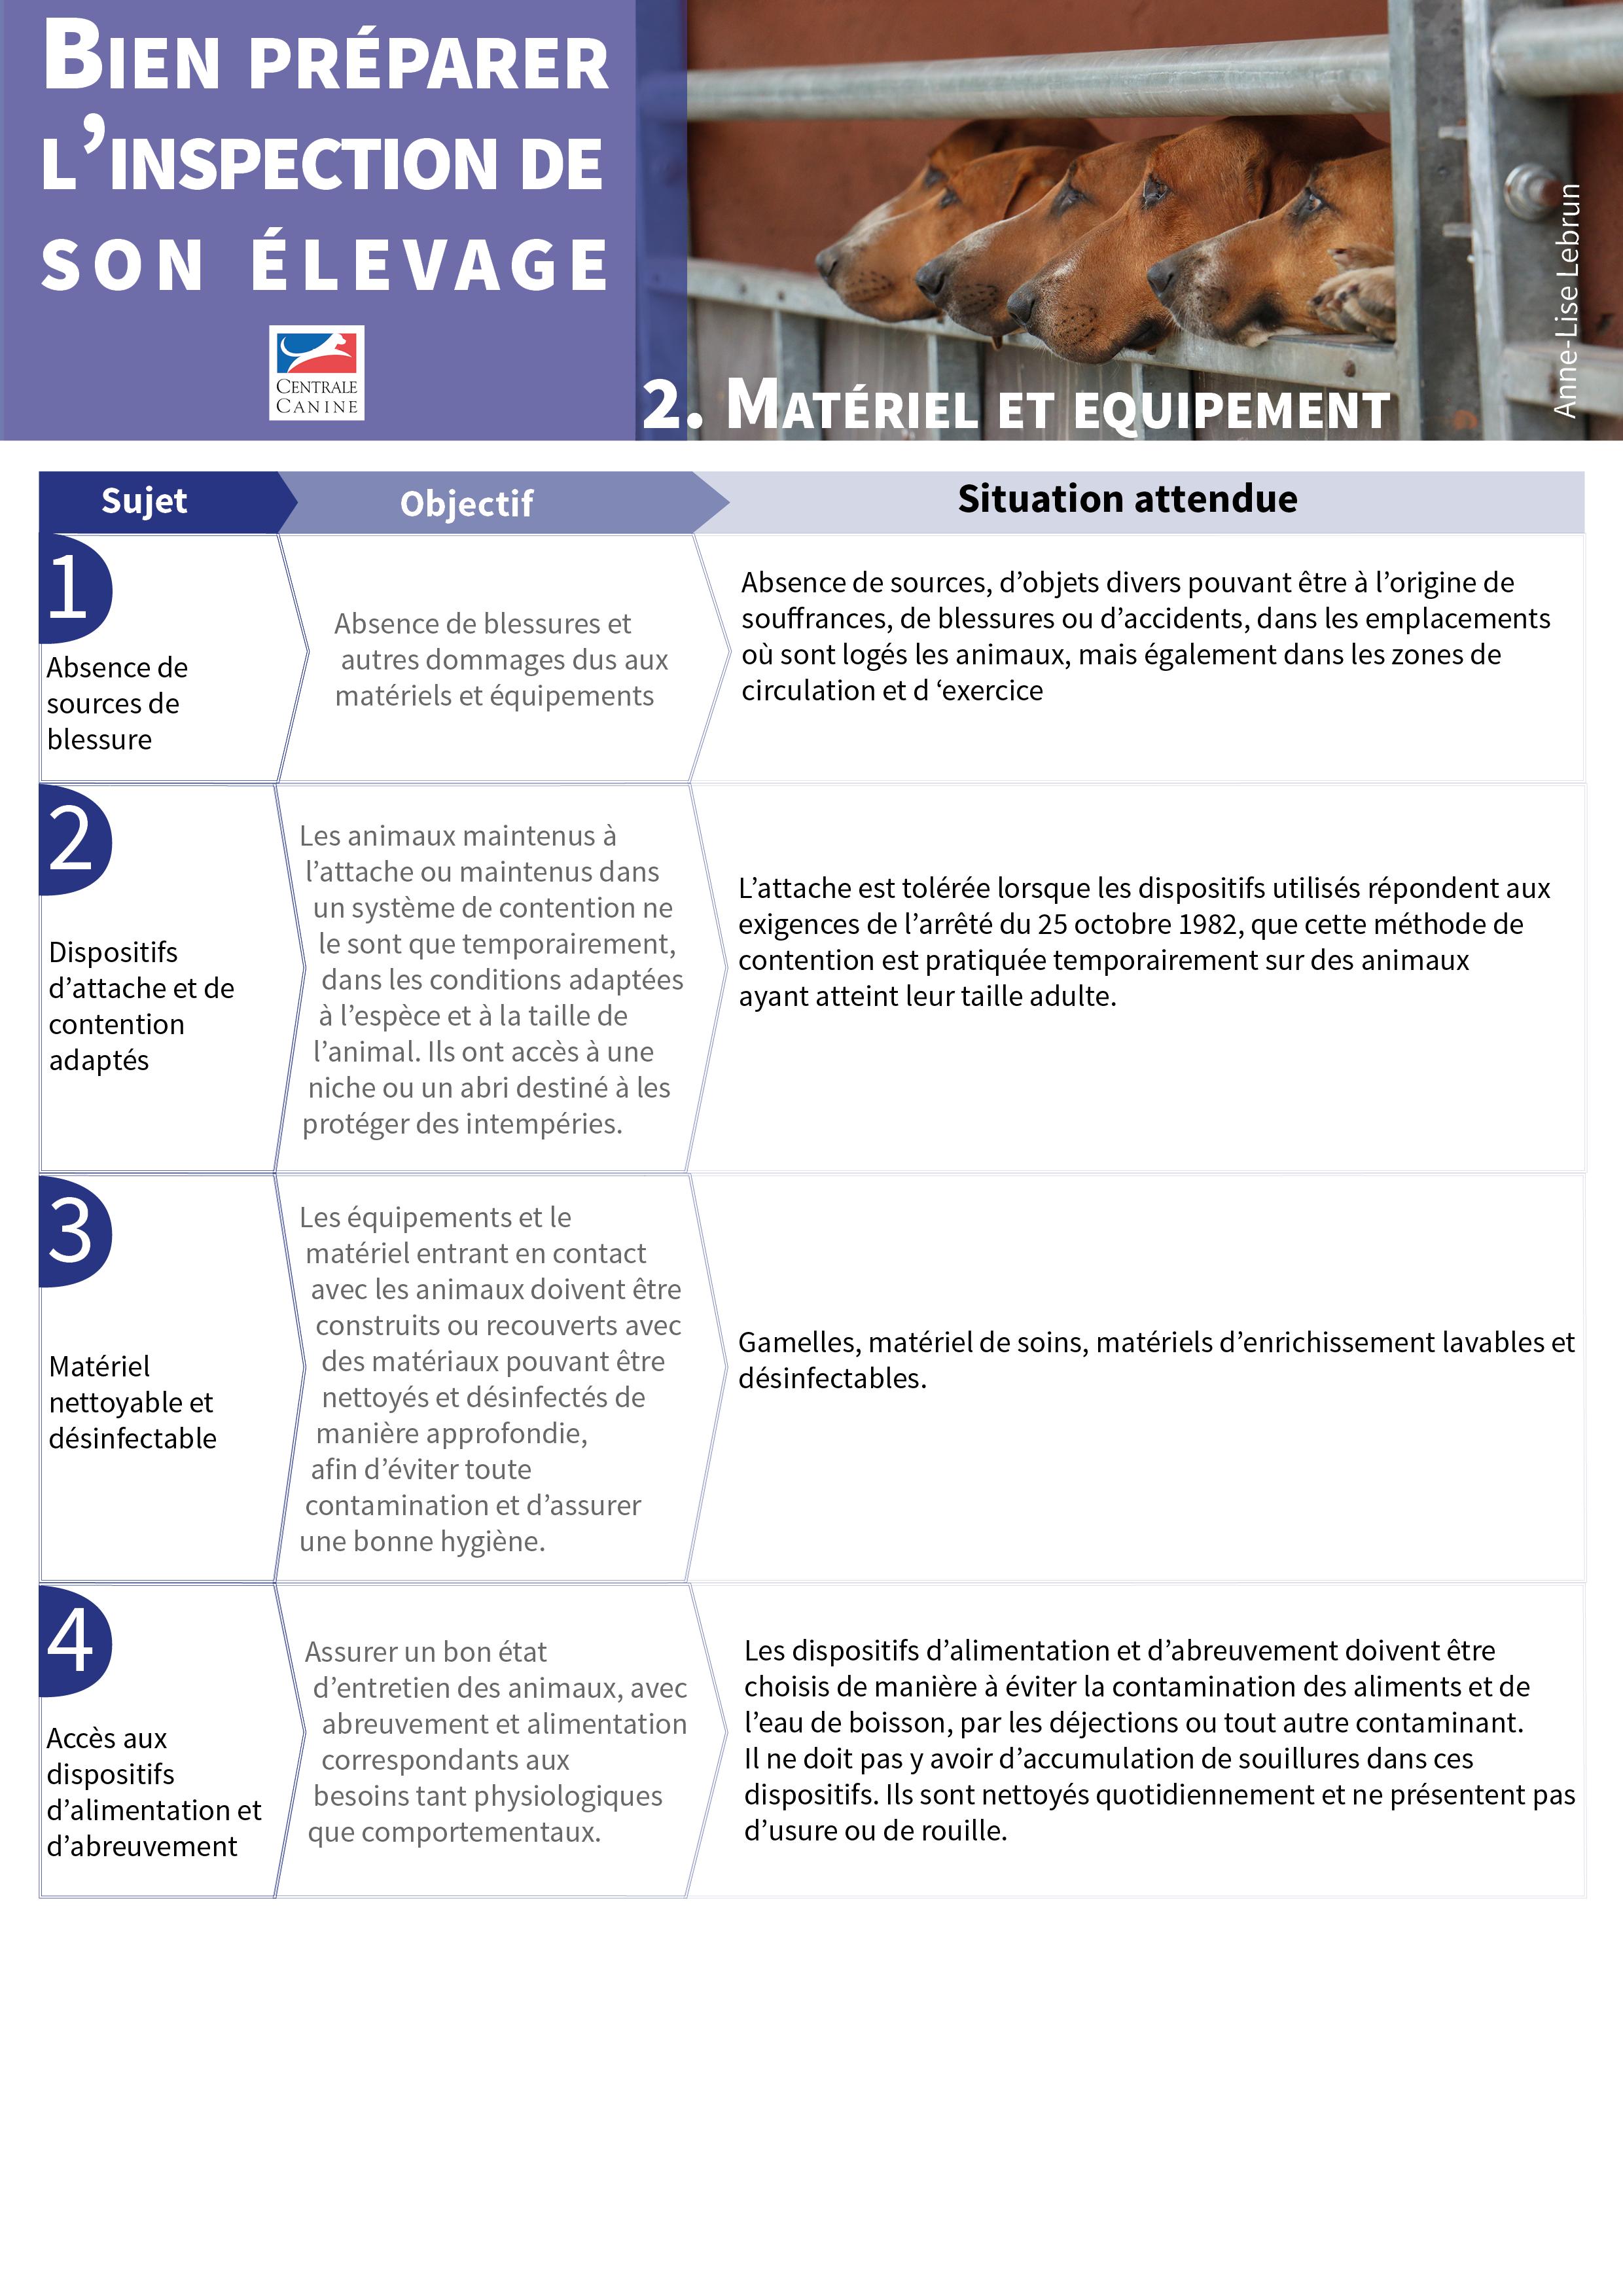 Bien_preparer_l_inspection_de_son_elevage4